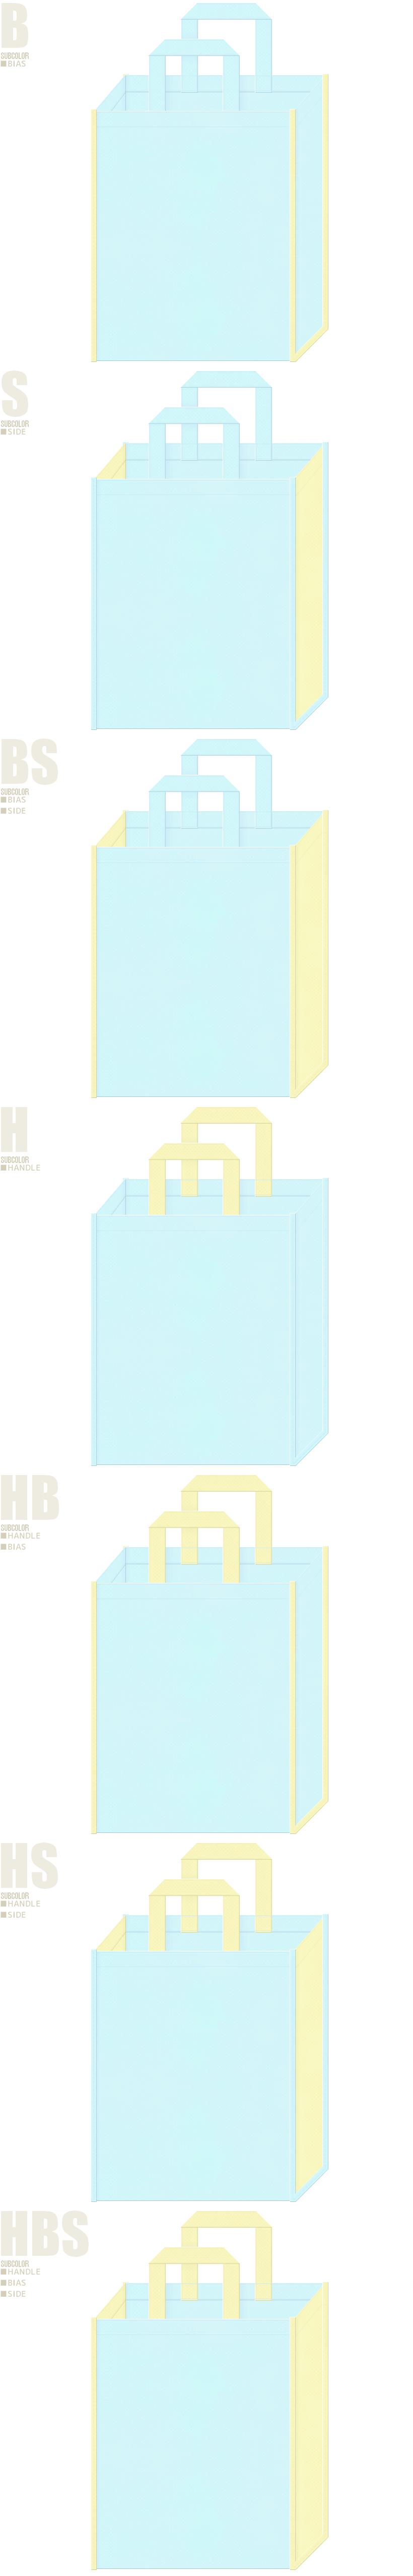 バス用品・洗面小物の展示会用バッグにお奨めの、水色と淡黄色-7パターンの不織布トートバッグ配色デザイン例